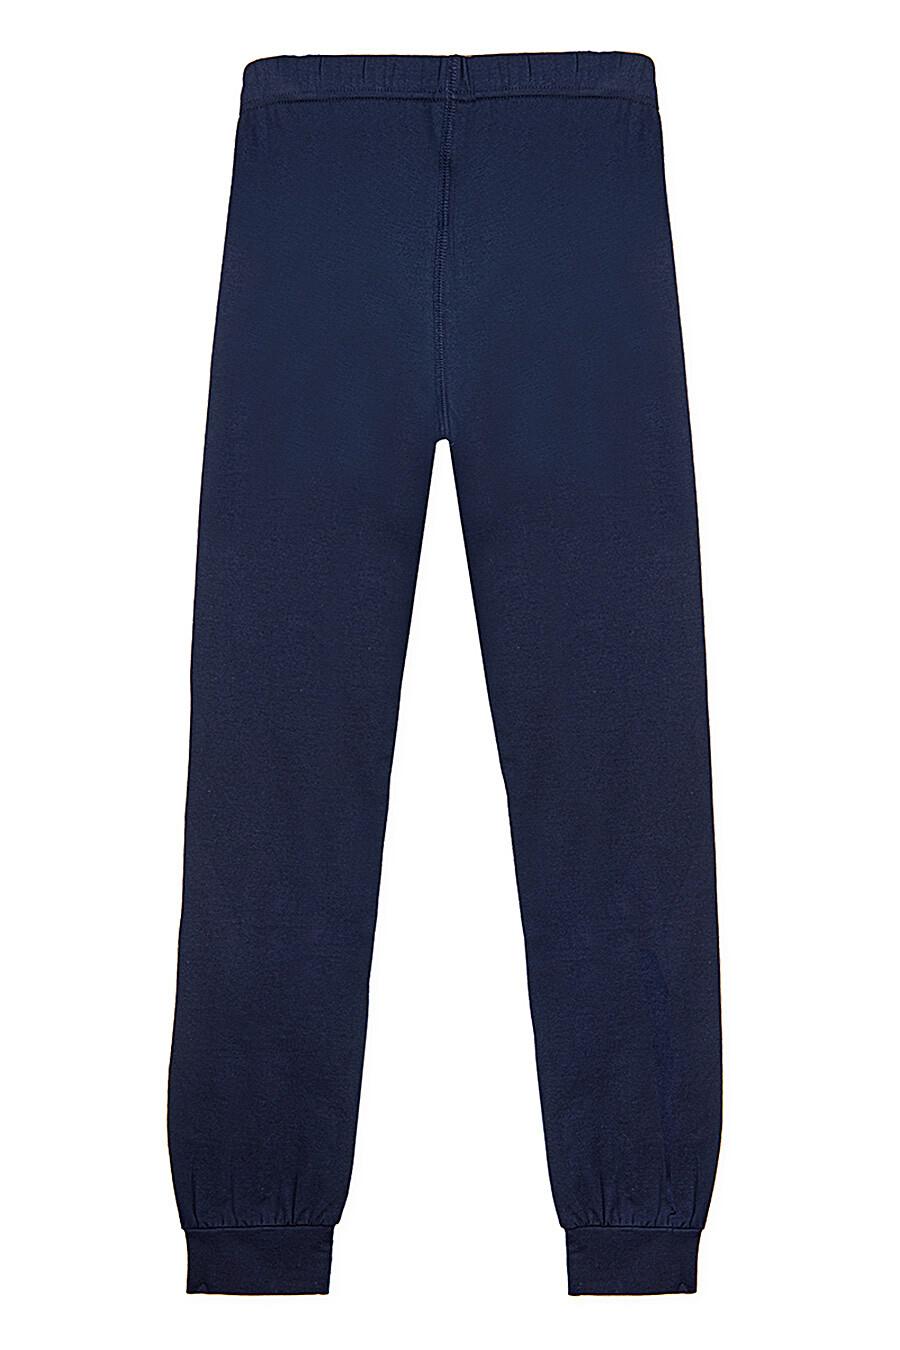 Кальсоны для мальчиков PLAYTODAY 205383 купить оптом от производителя. Совместная покупка детской одежды в OptMoyo